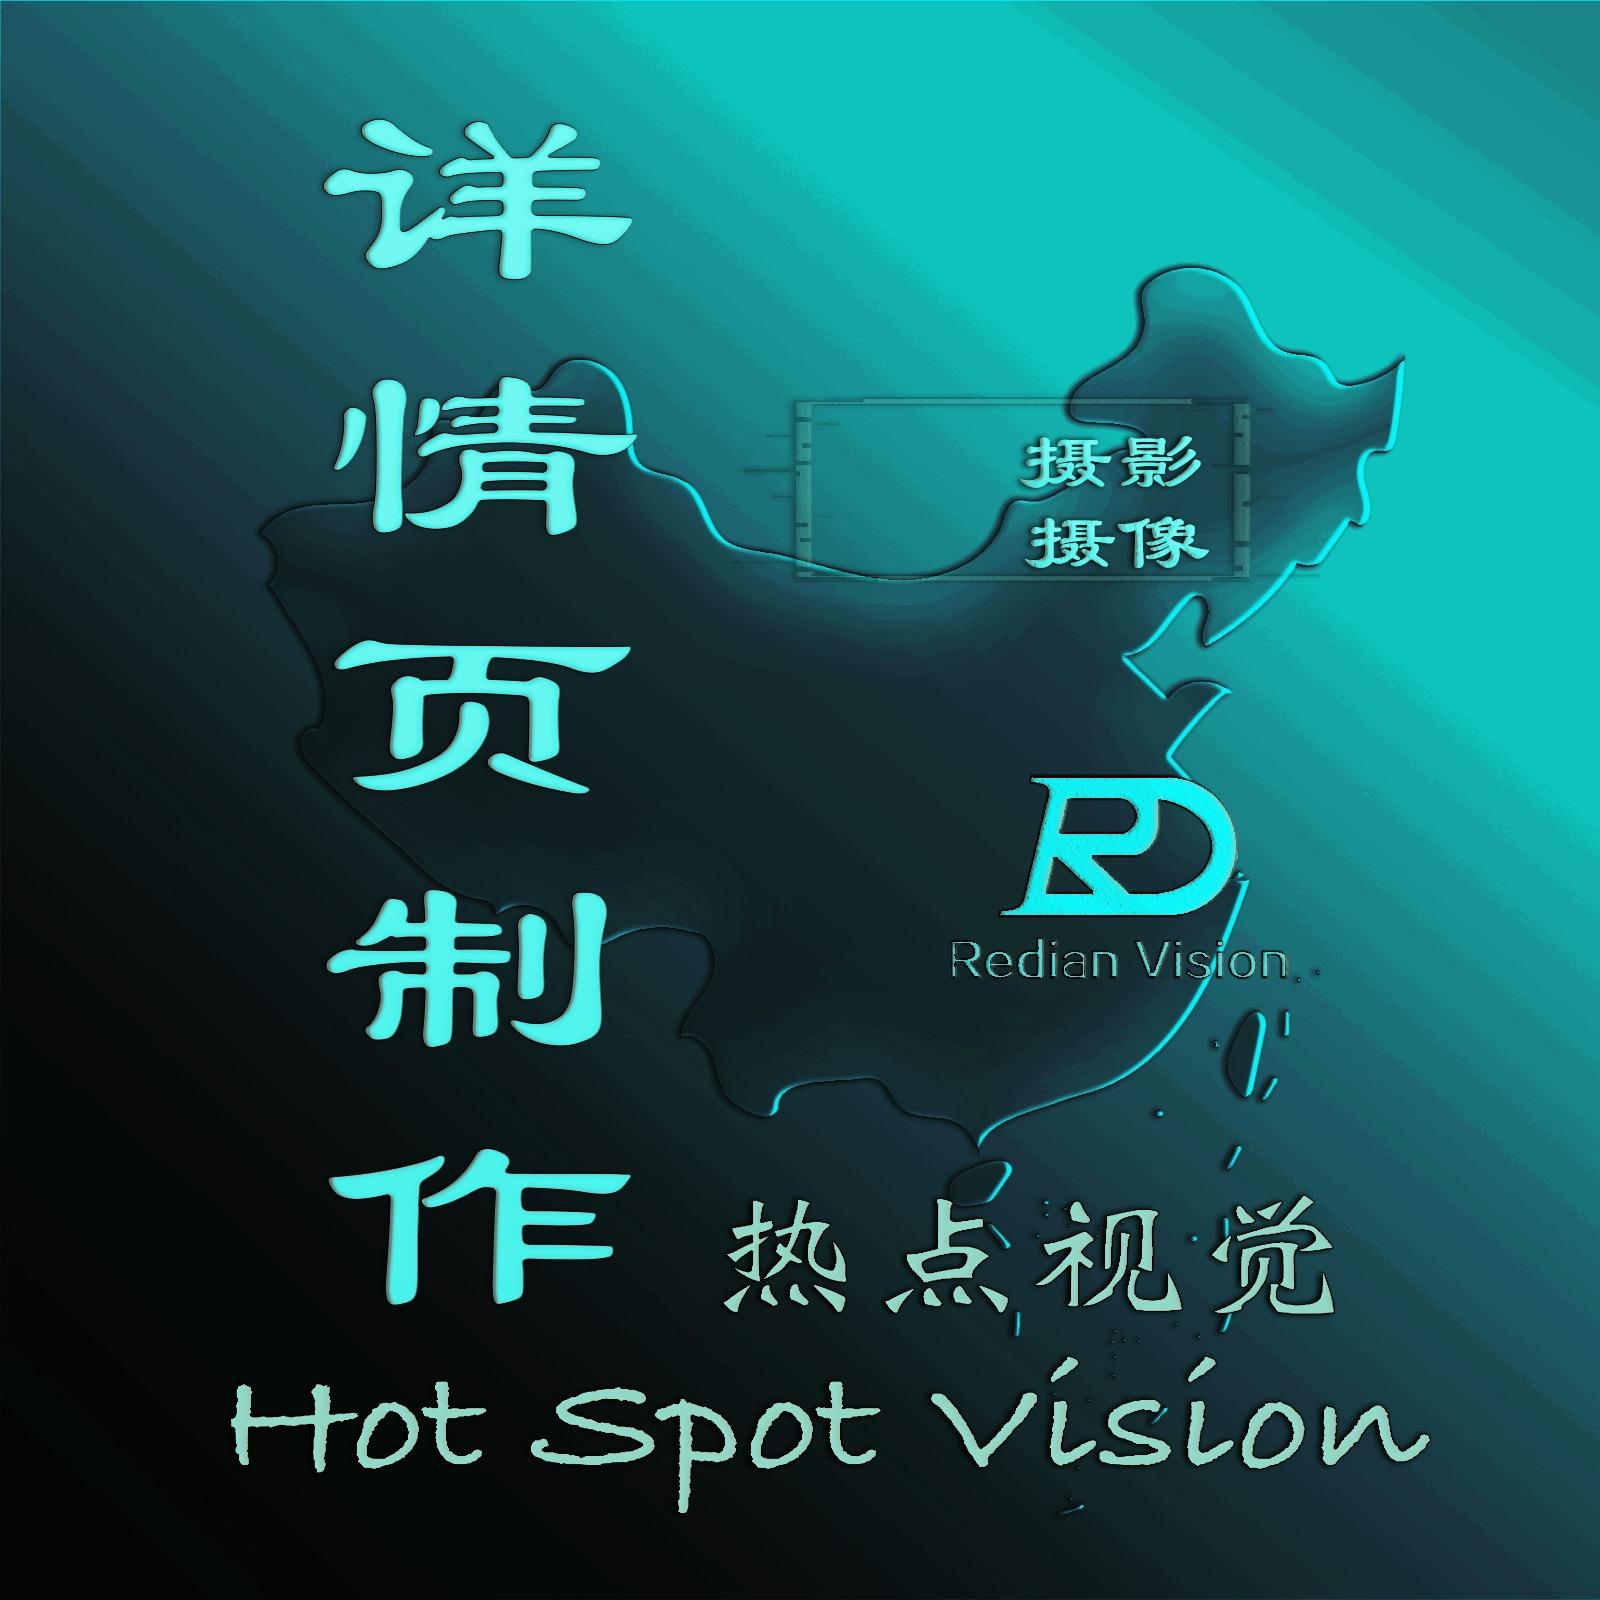 北京热点视觉 美食摄影产品拍摄 视频制作 详情页制作后期剪辑